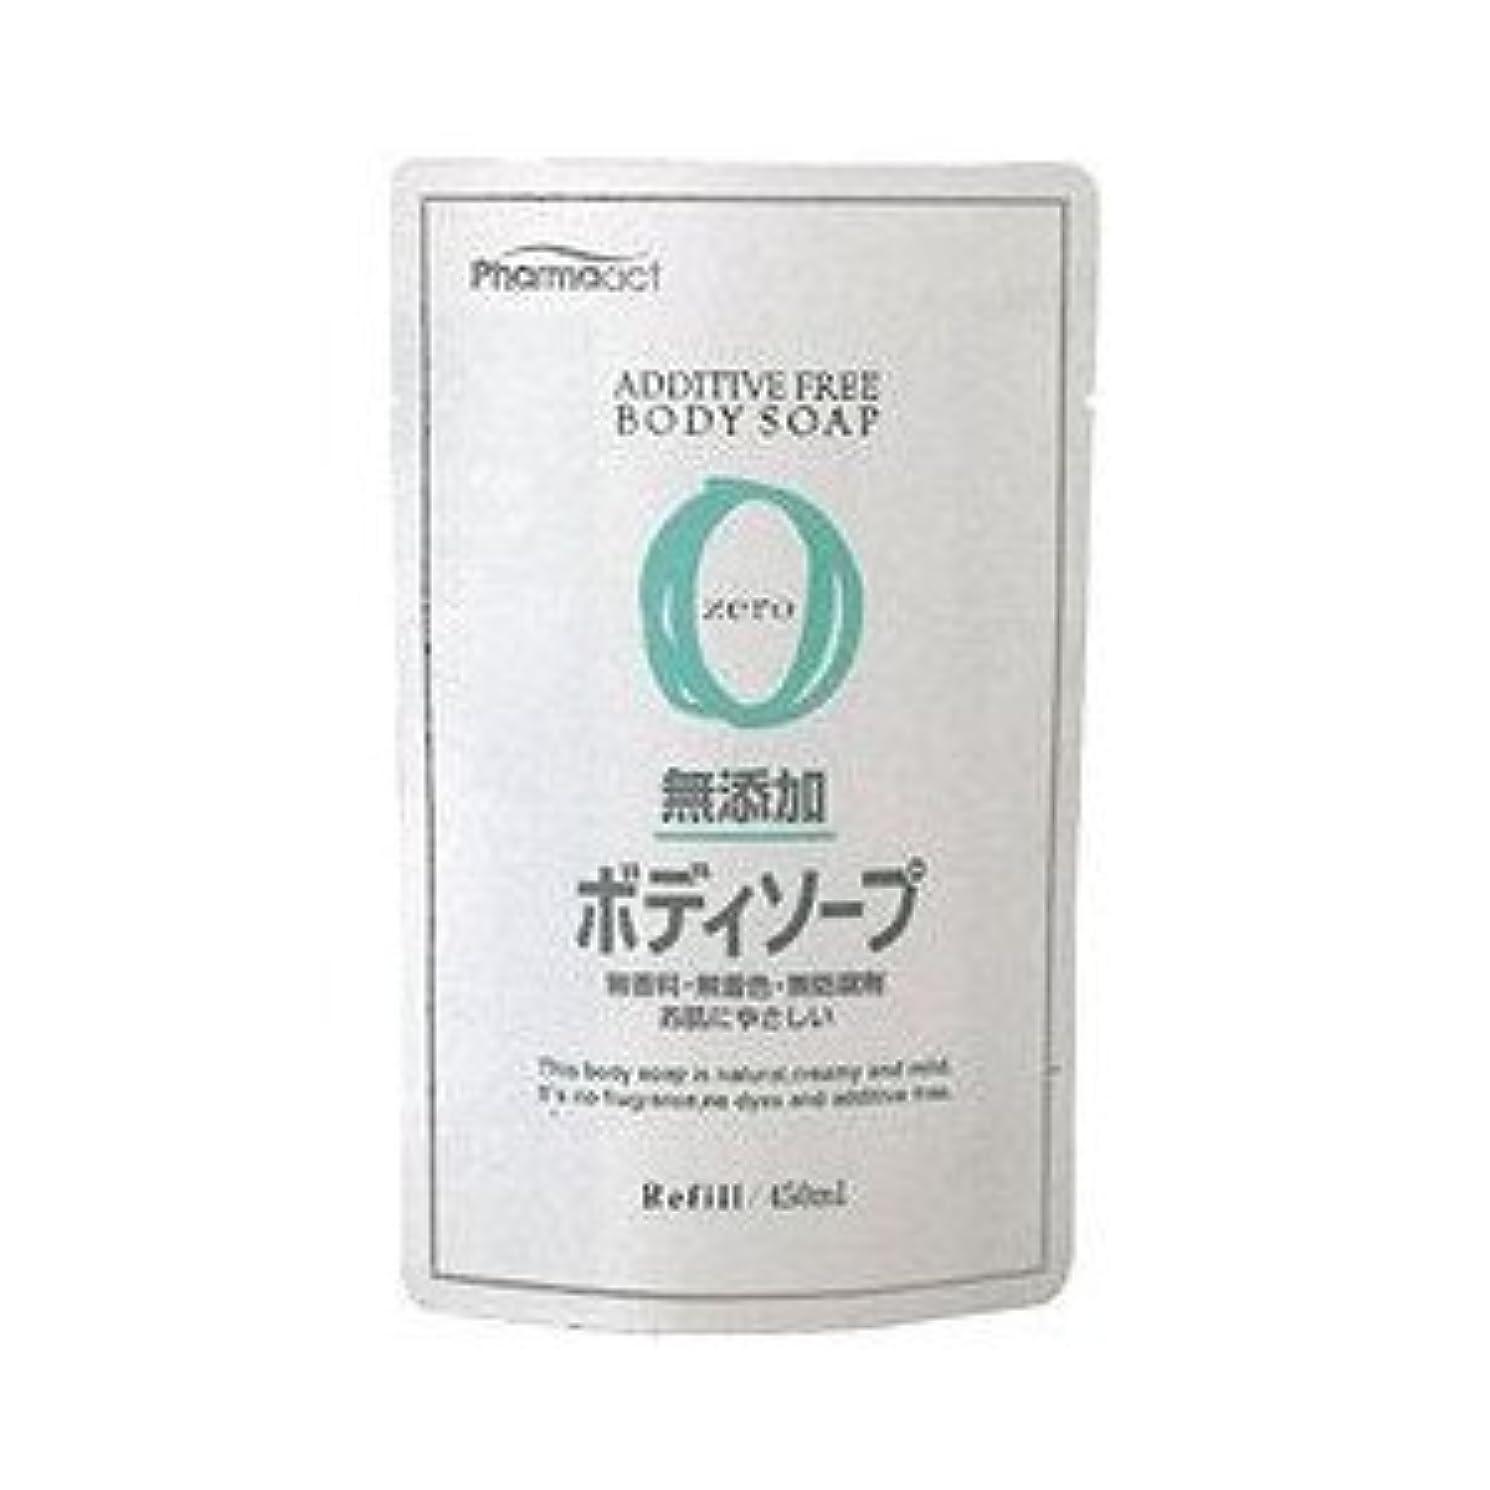 ビルダーアクセストリム熊野油脂 ファーマアクト 無添加ボディソープ つめかえ用 450ml×24点セット  香料?着色料?防腐剤は使用しておりません